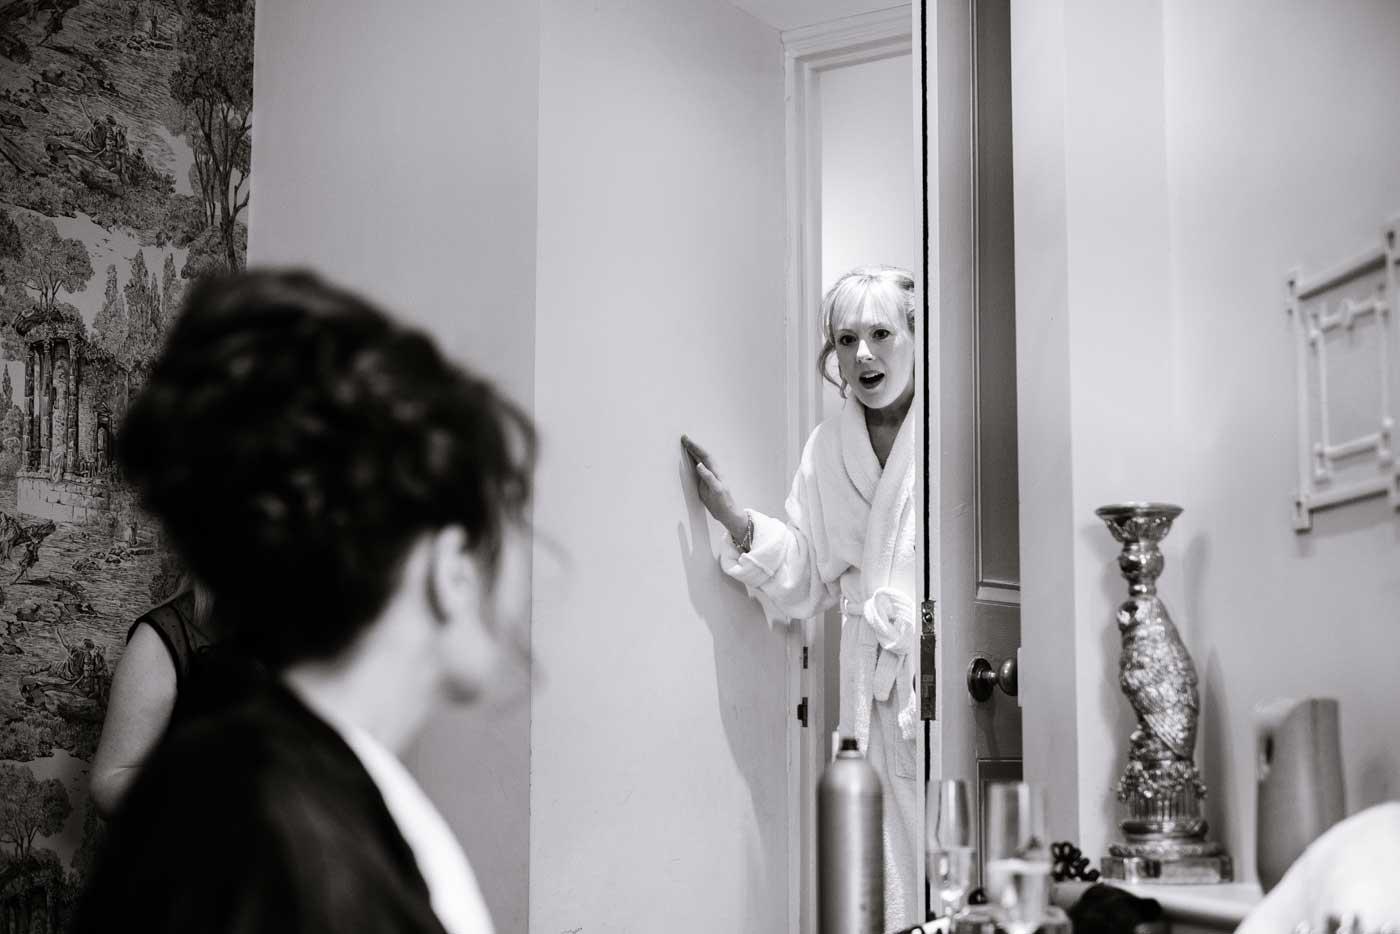 Surprised maid seeing bride